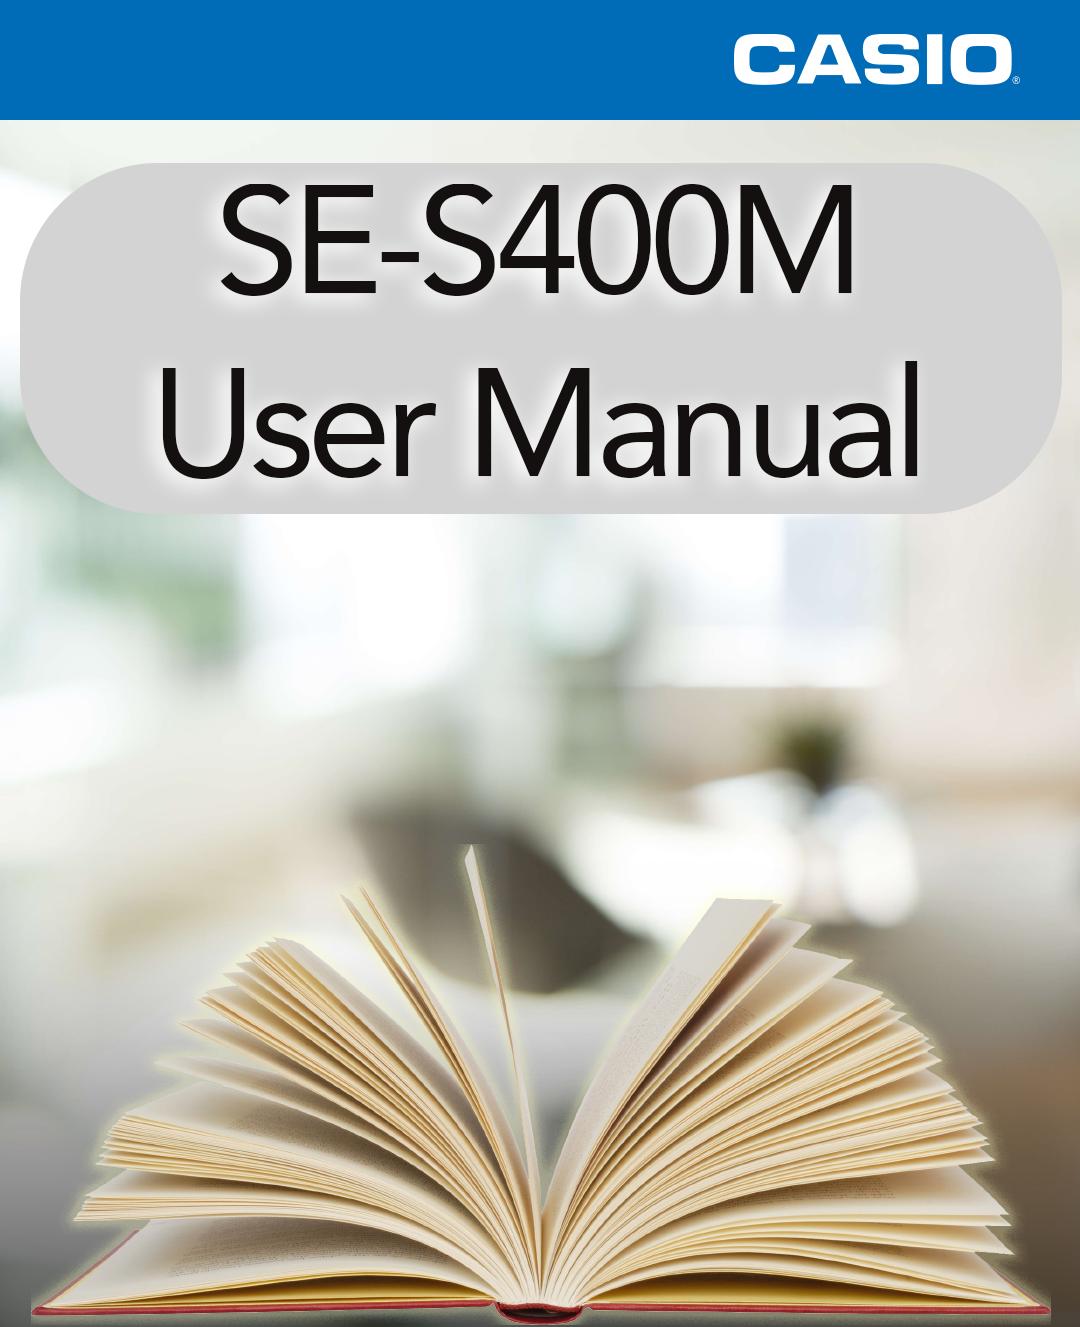 Casio SE-S400M User Manual